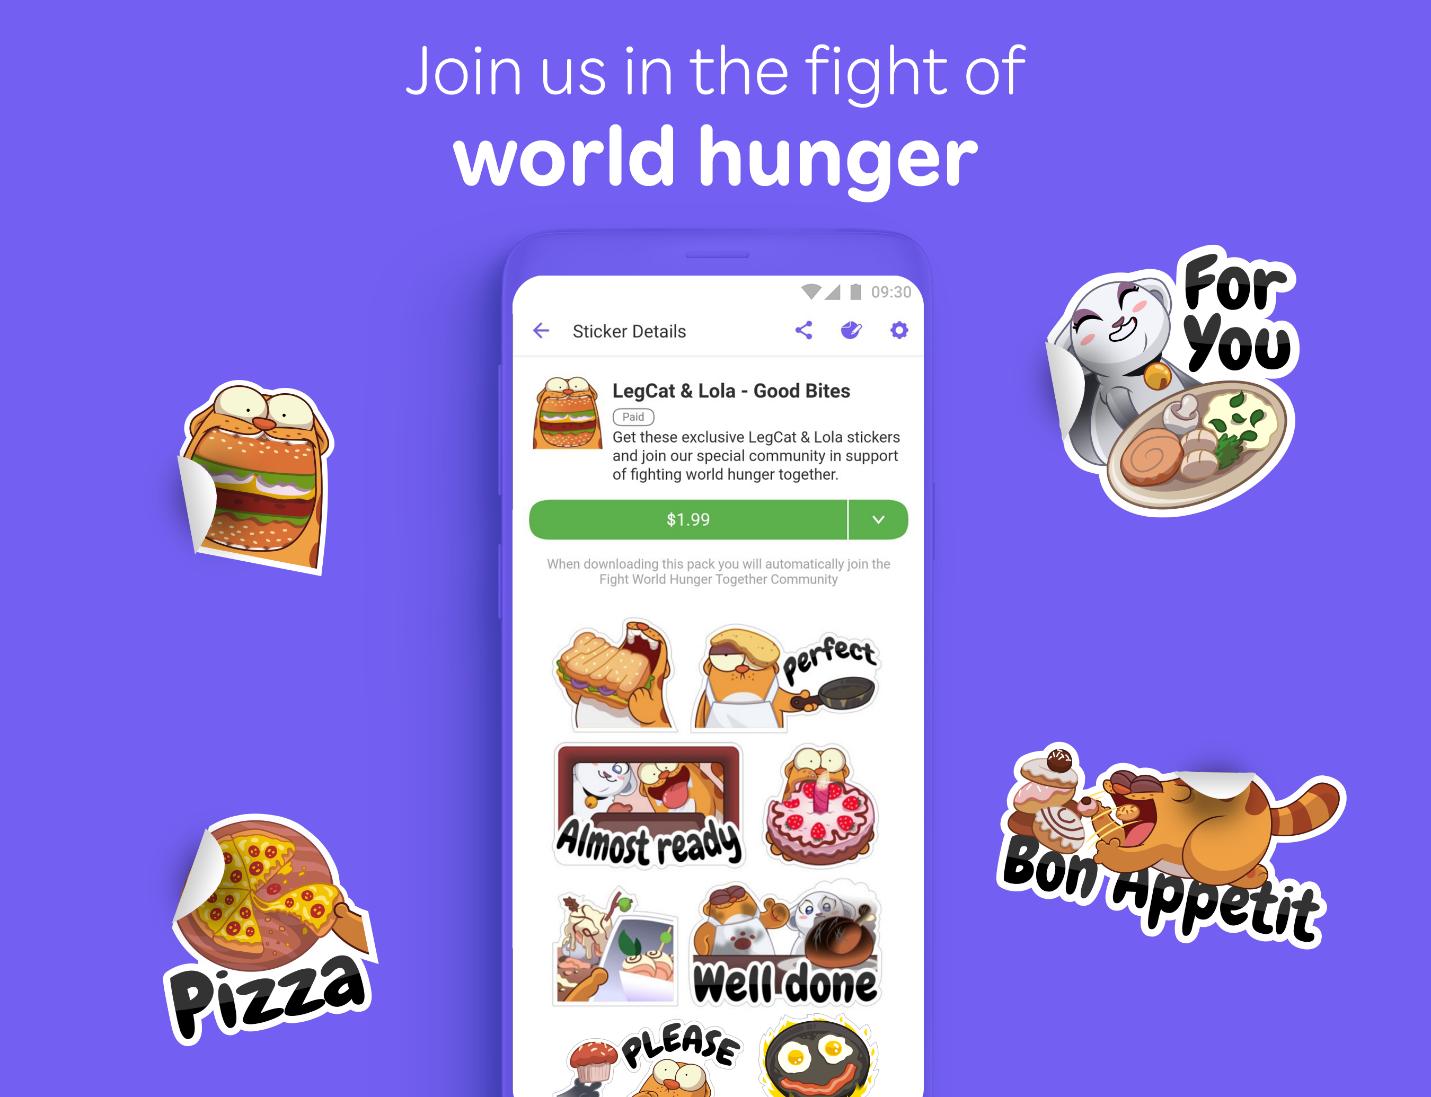 Rakuten Viber phát động chiến dịch chống lại nạn đói toàn cầu giữa cuộc khủng hoảng COVID-19 - ảnh 1